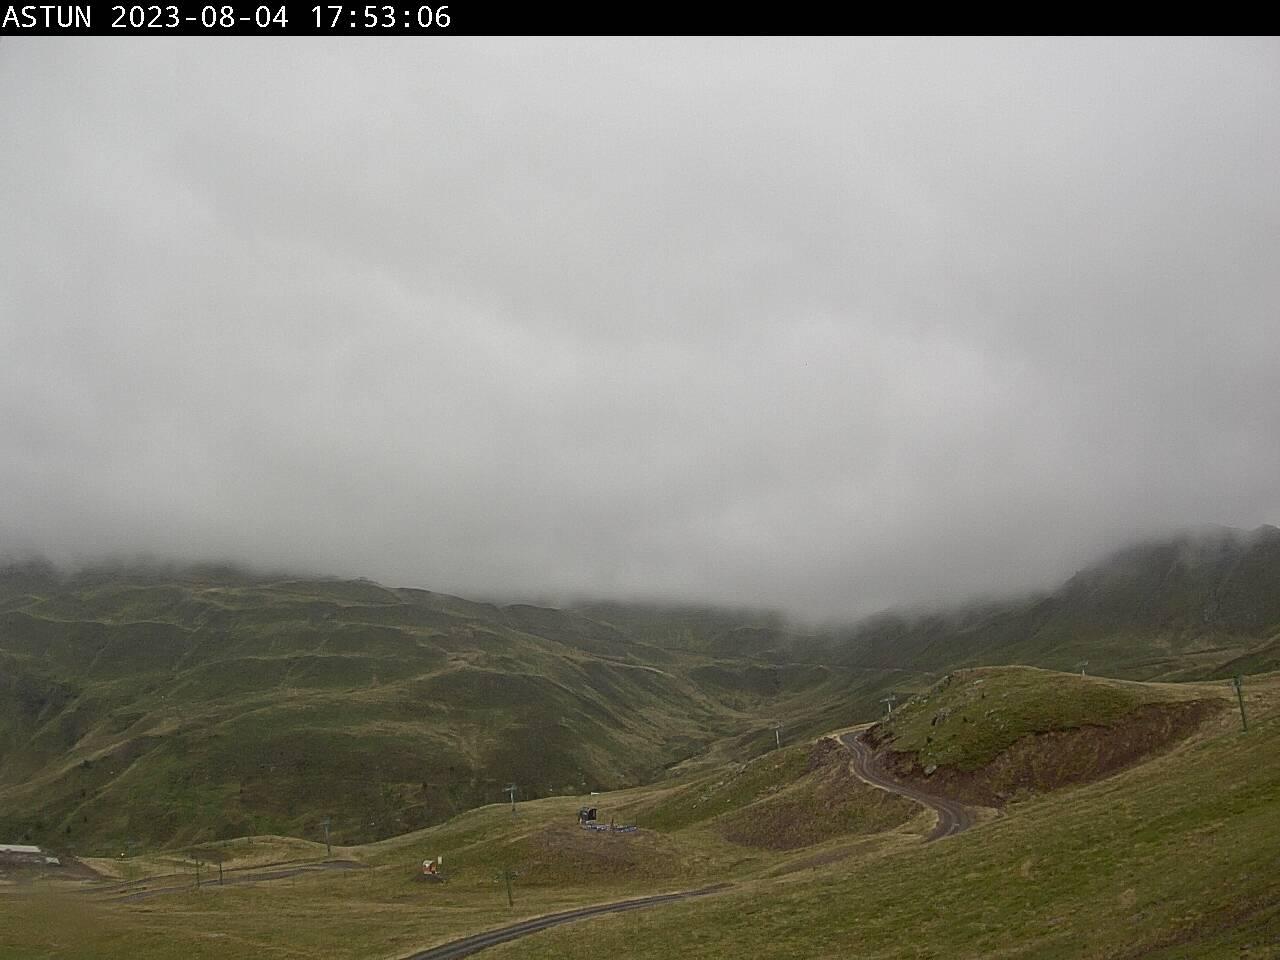 Webcam en Sarrios - Águila